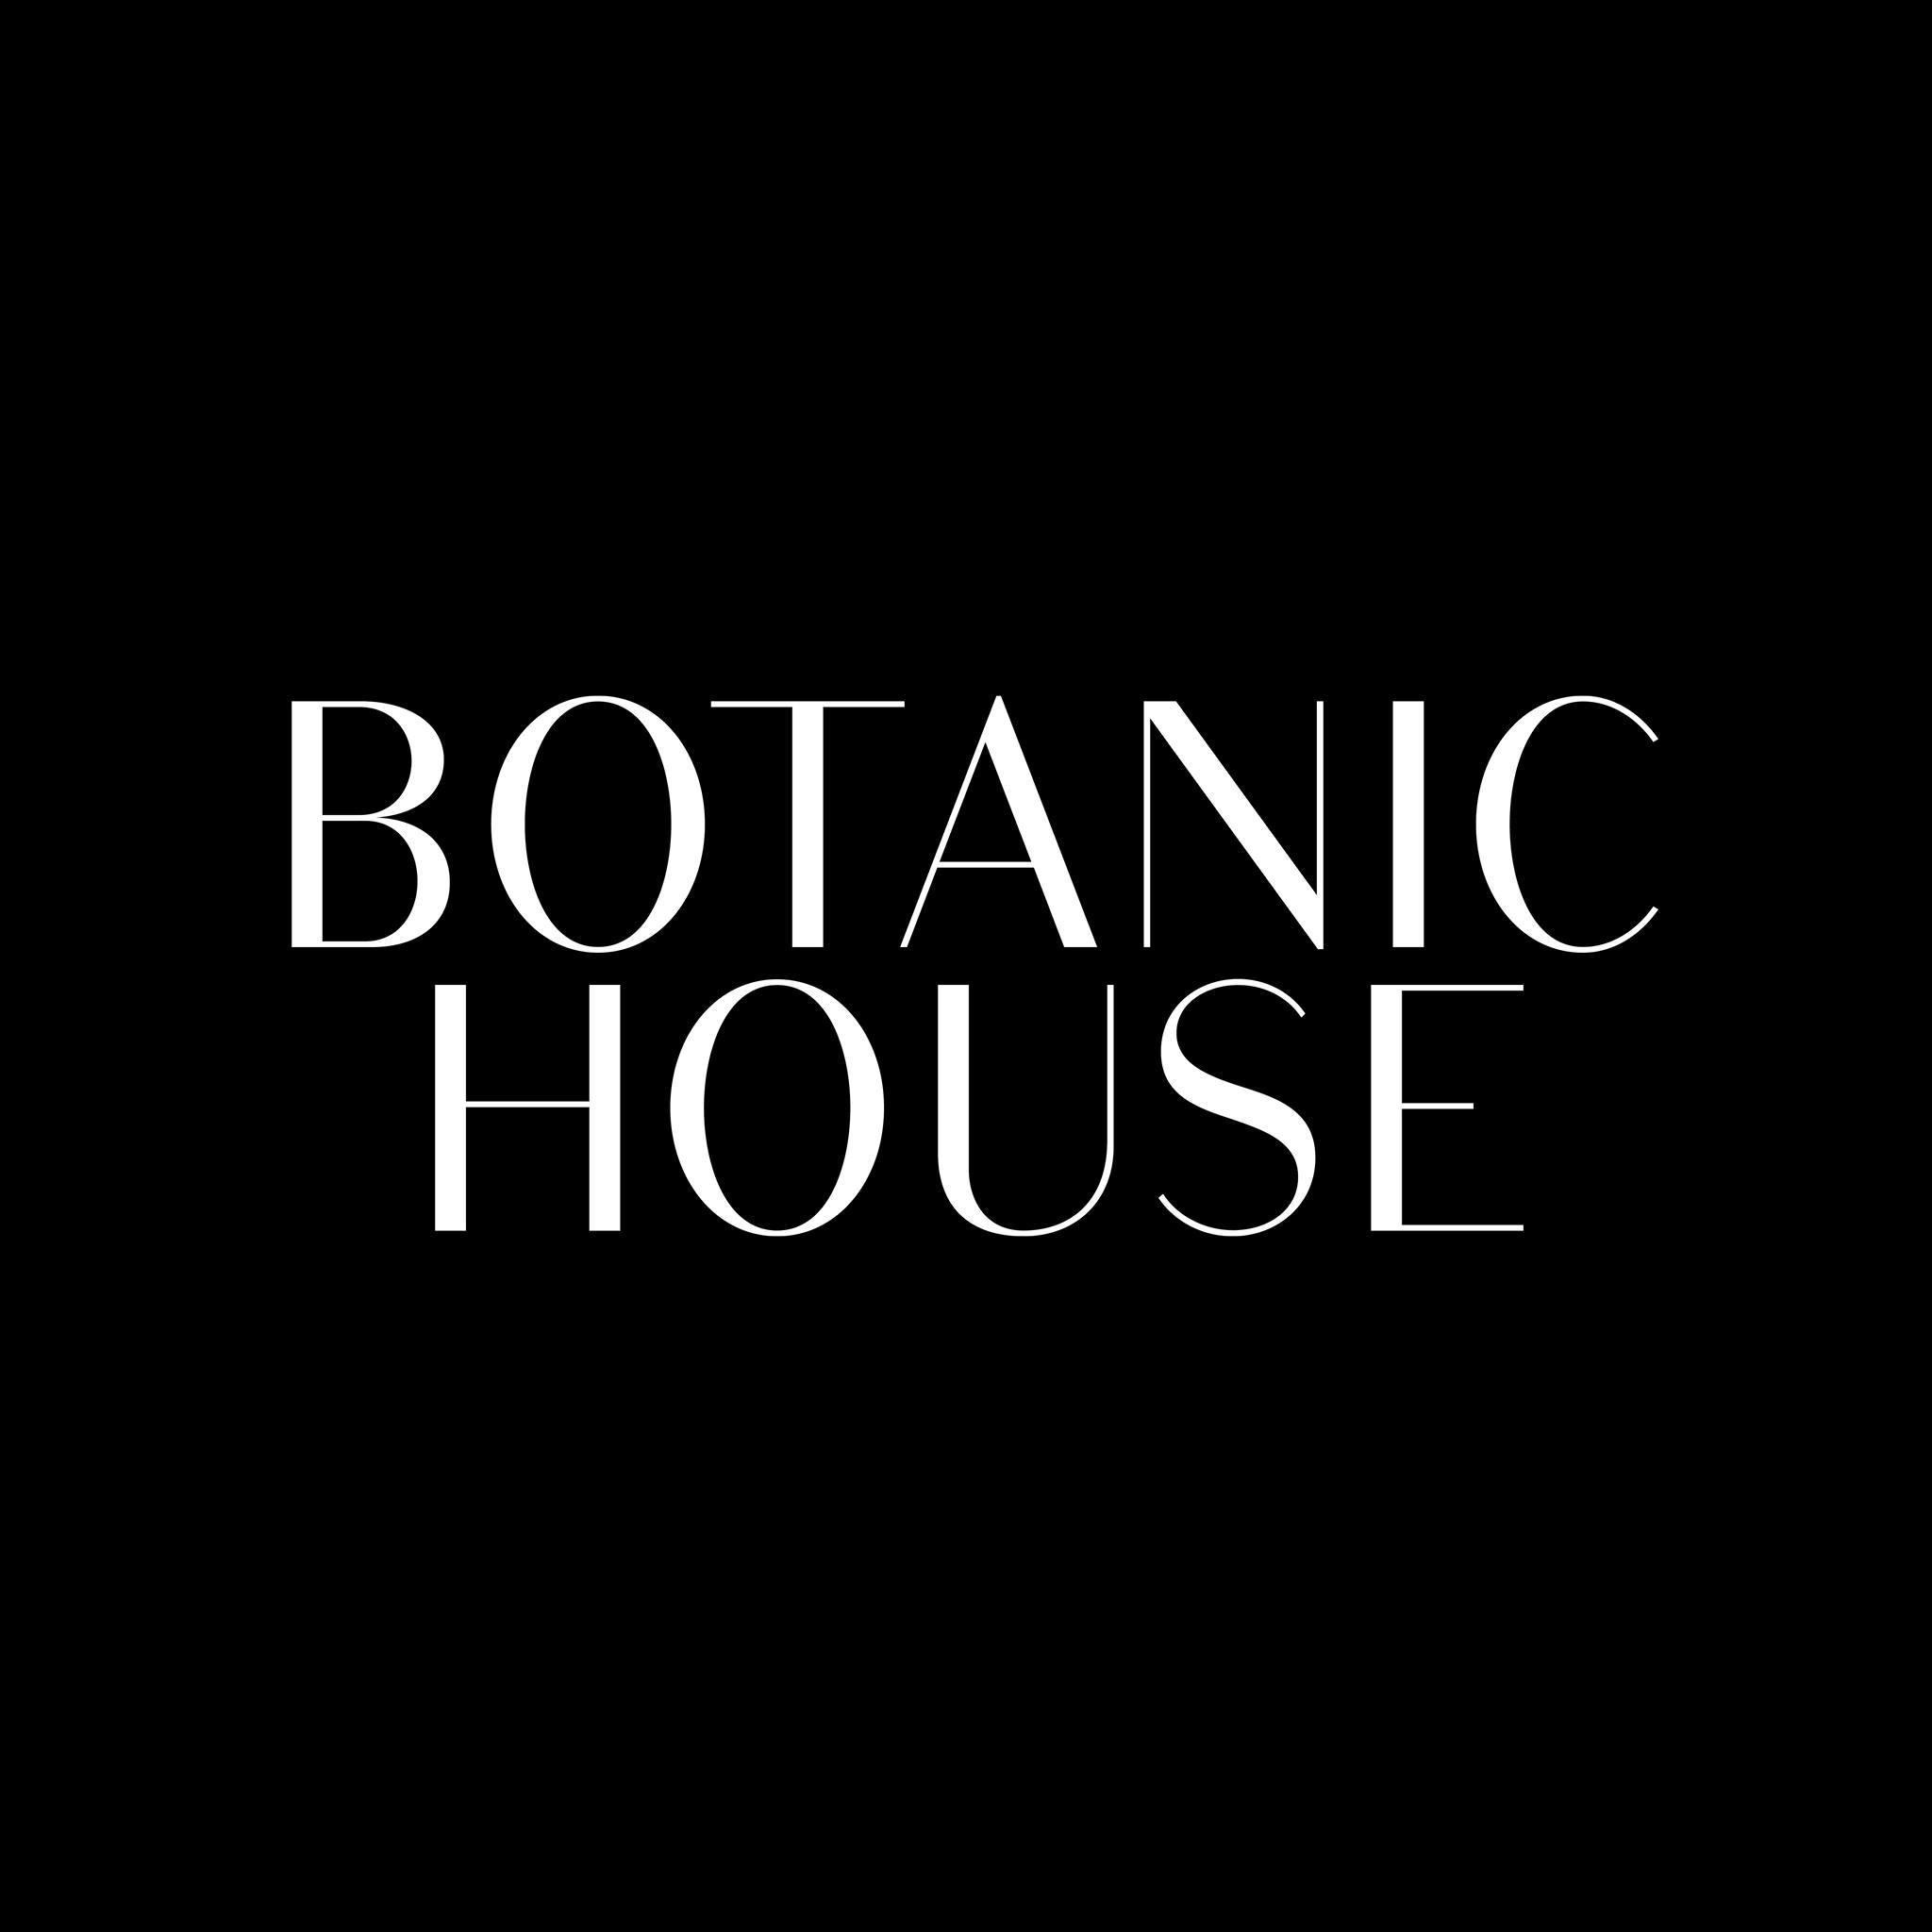 Botanic House logo